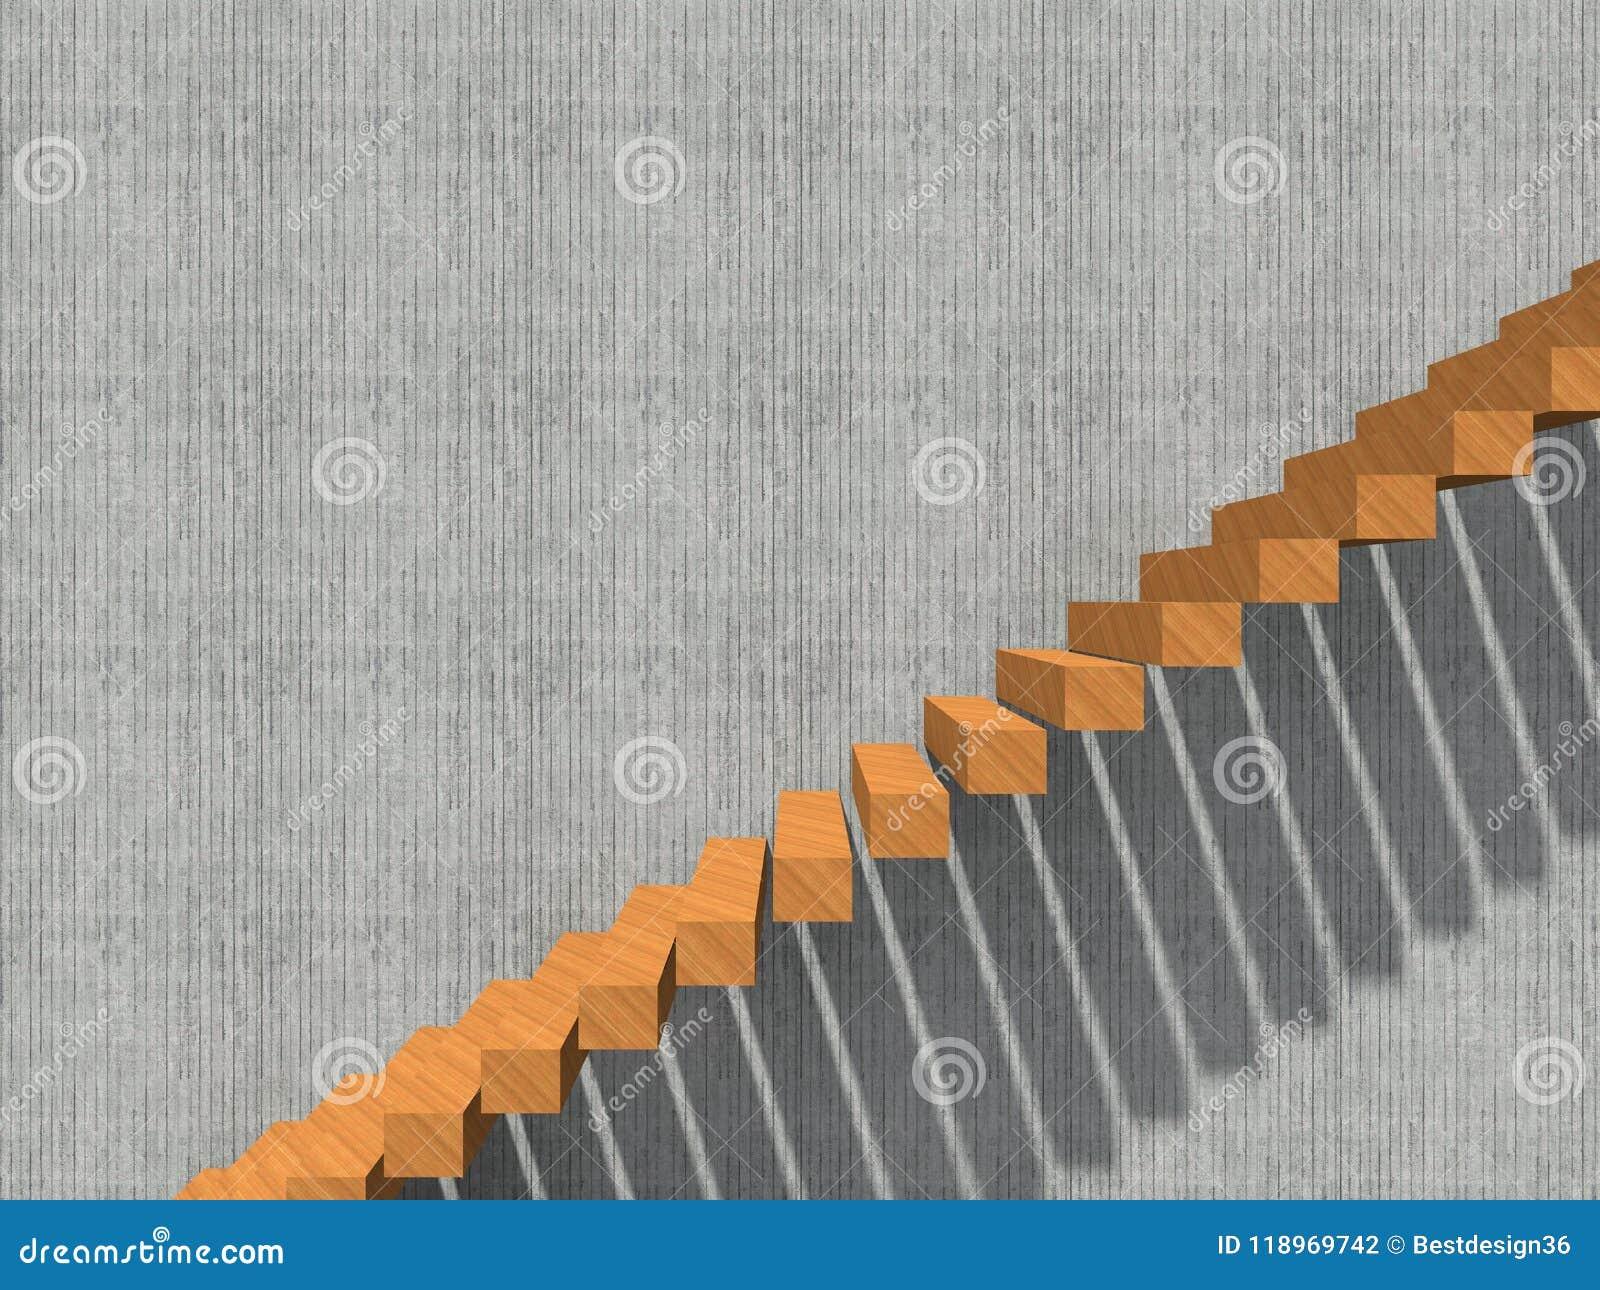 Escalera En El Edificio O La Arquitectura Del Fondo De La Pared ...